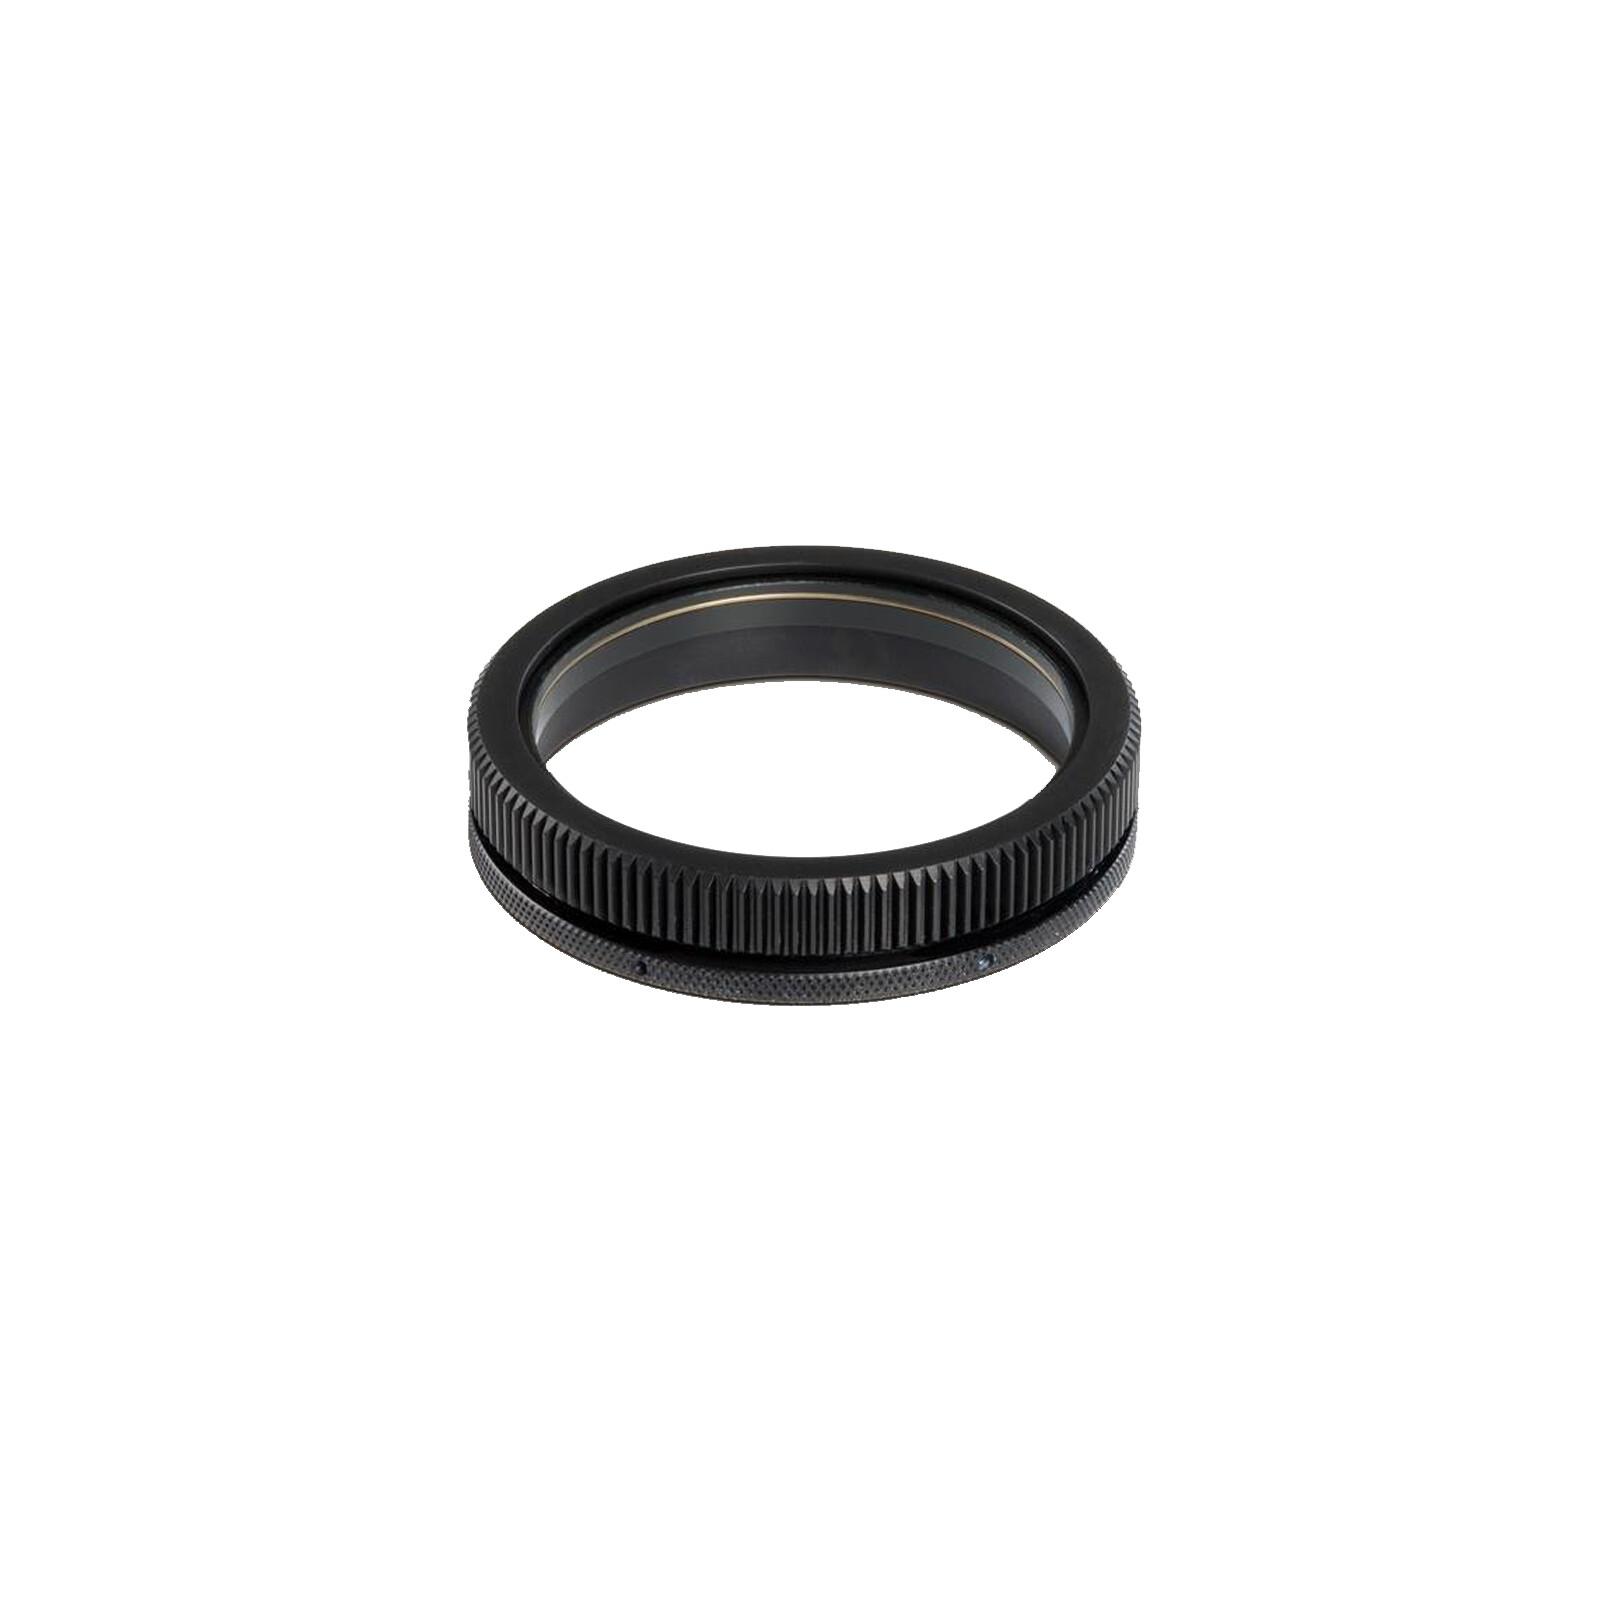 Zeiss LensGear Mini